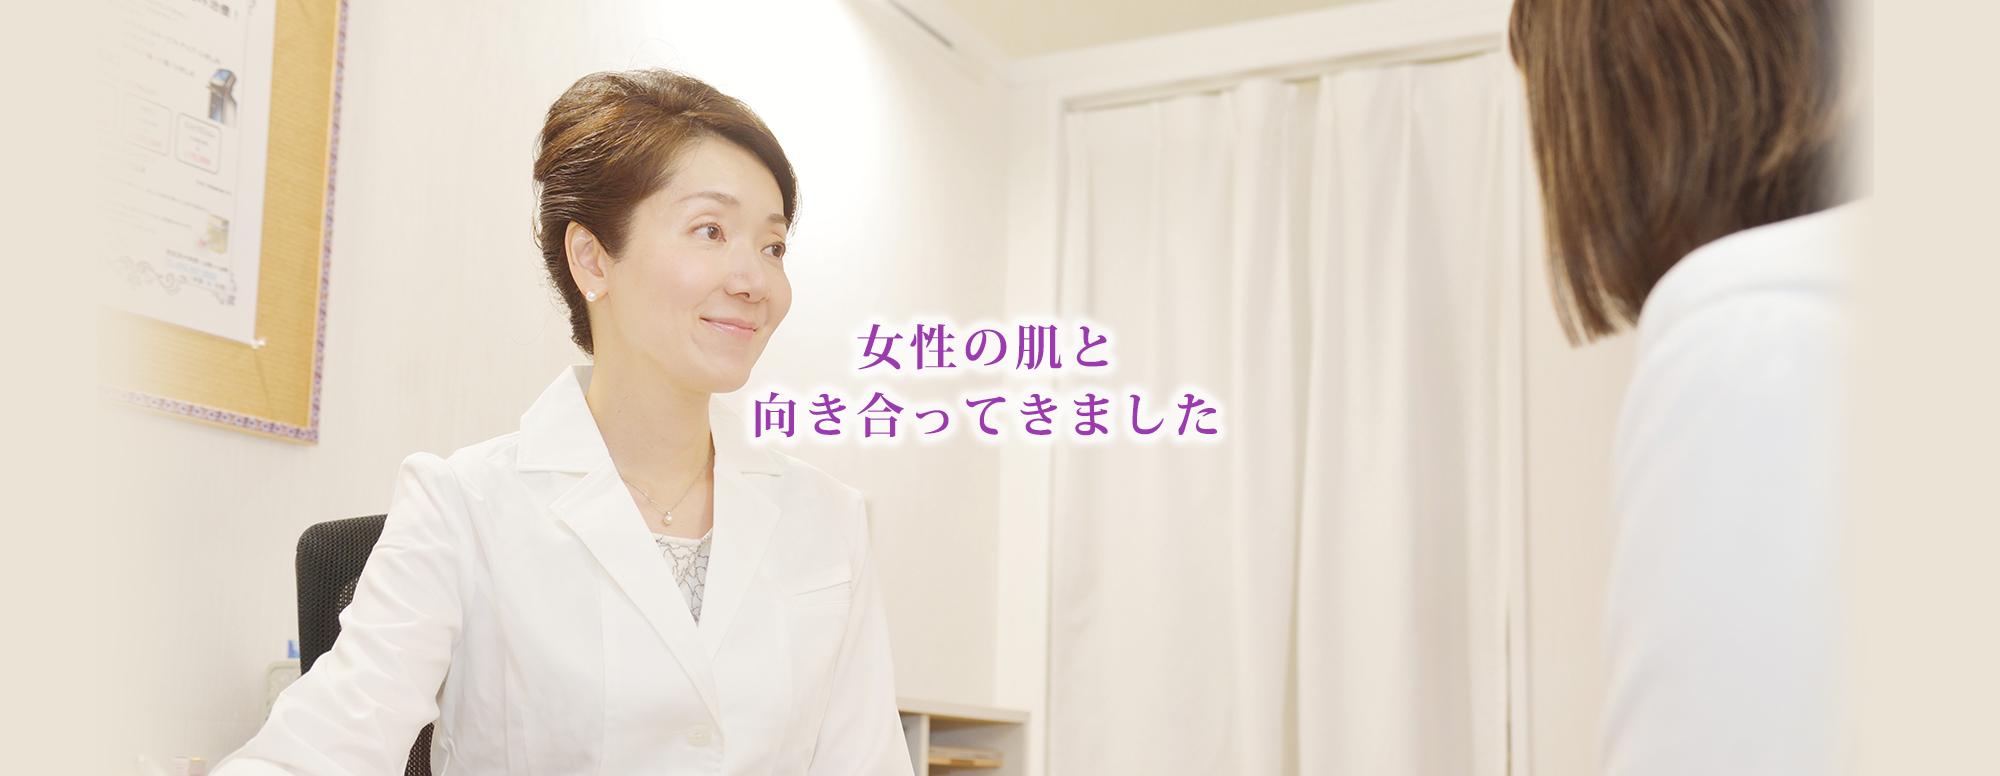 ピアス 病院 福岡